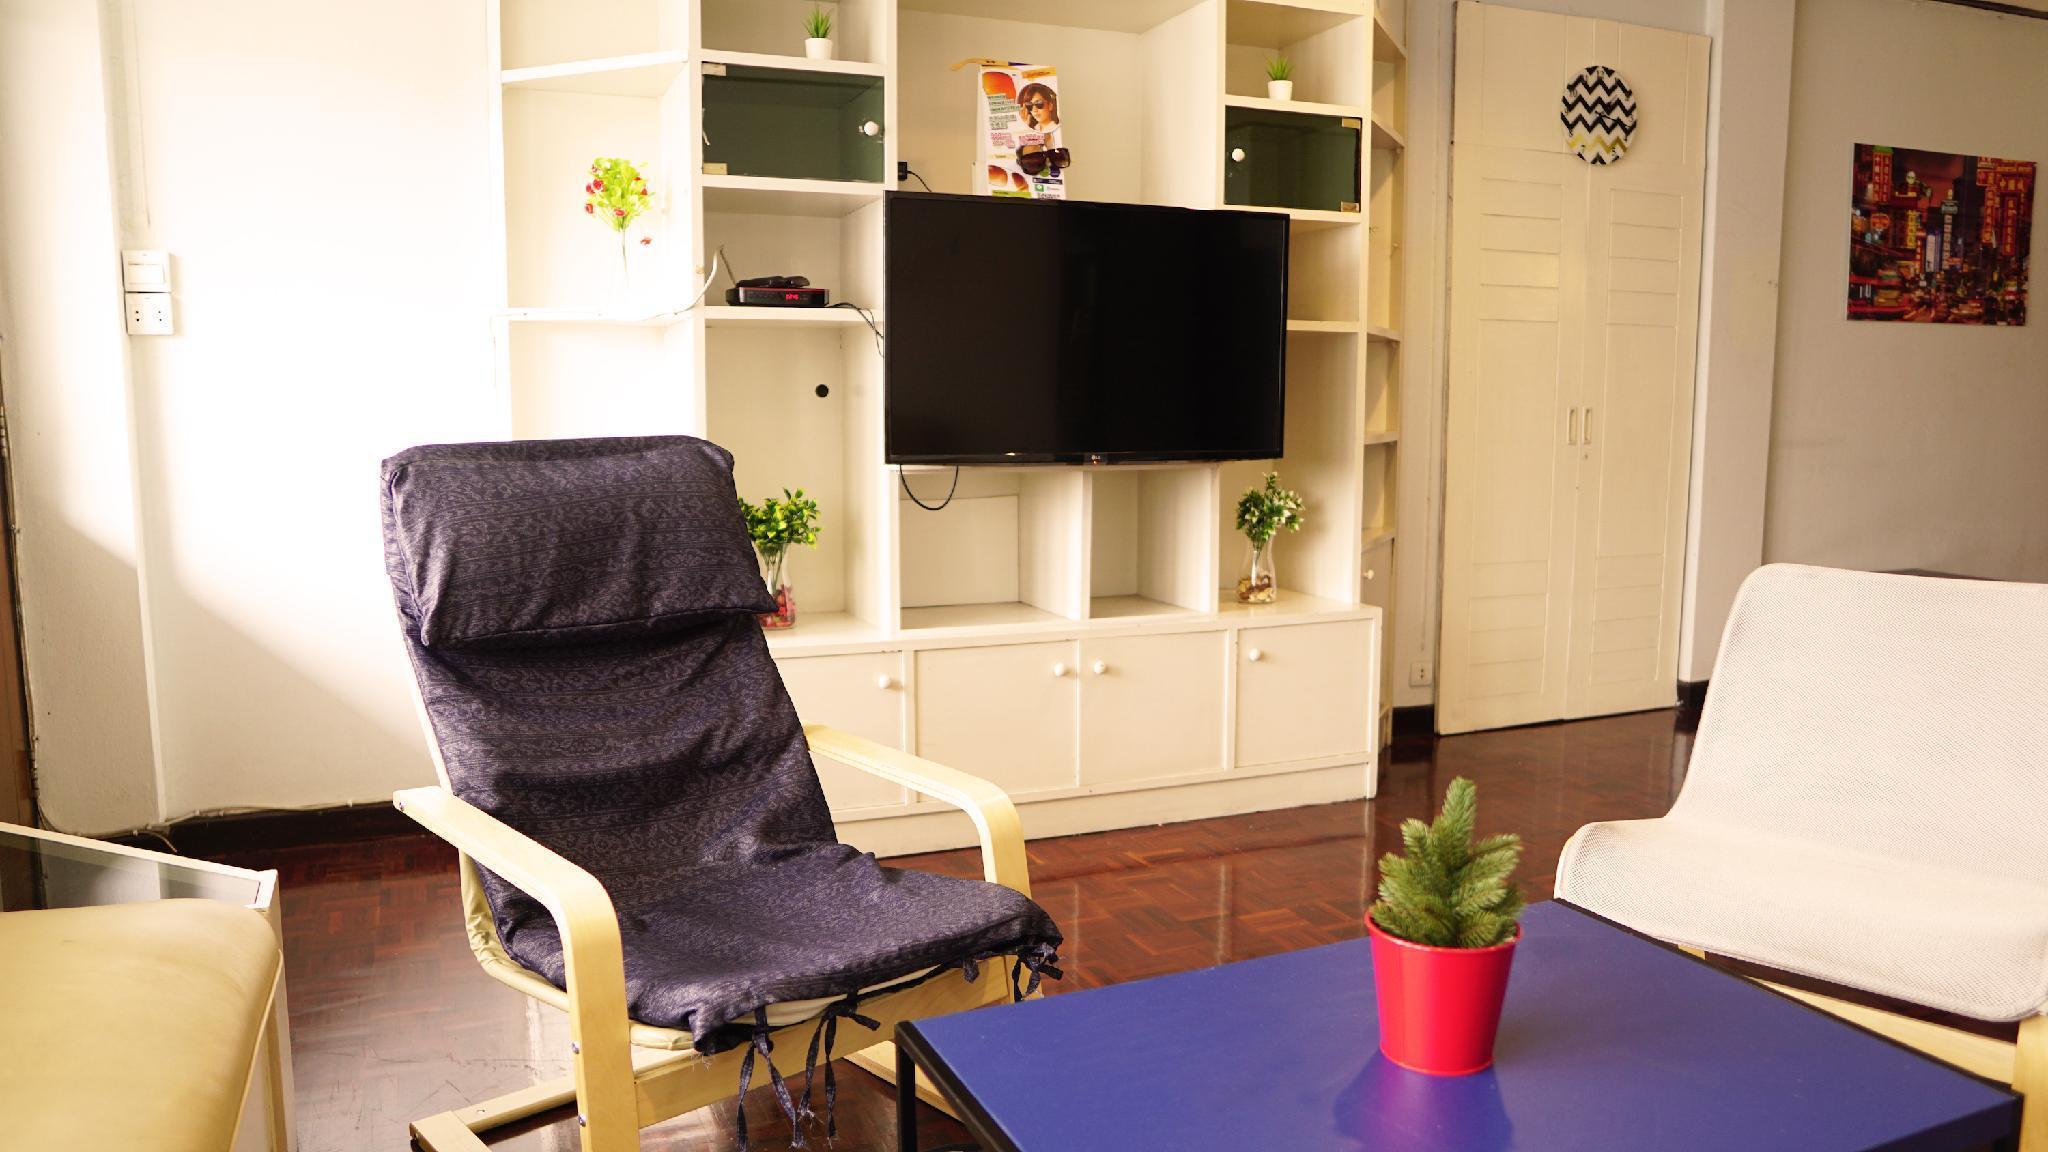 RP Place apartment, large 2 bedrooms for family อพาร์ตเมนต์ 2 ห้องนอน 1 ห้องน้ำส่วนตัว ขนาด 100 ตร.ม. – จตุจักร